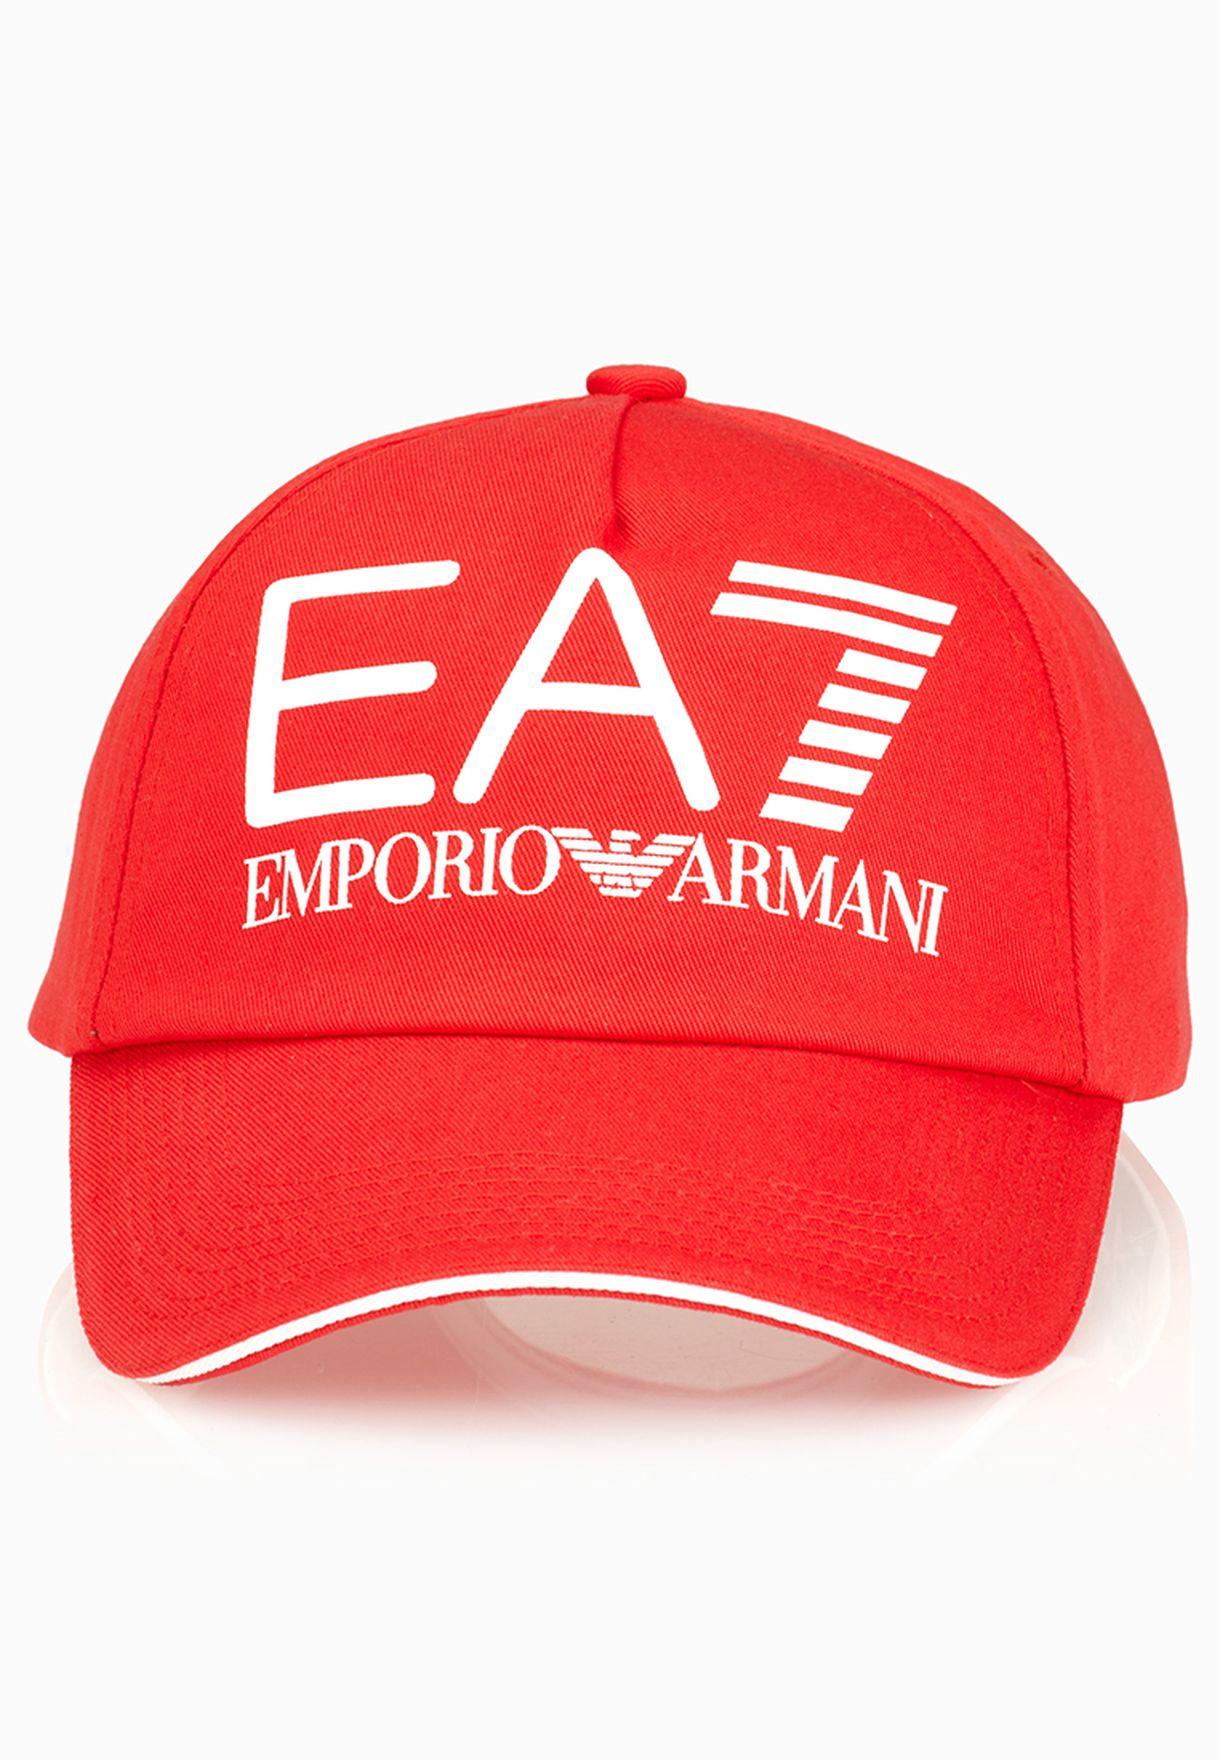 a3dfc6cd Shop Ea7 Emporio Armani red Classic Calcetto Cap 5P297-275475 for ...